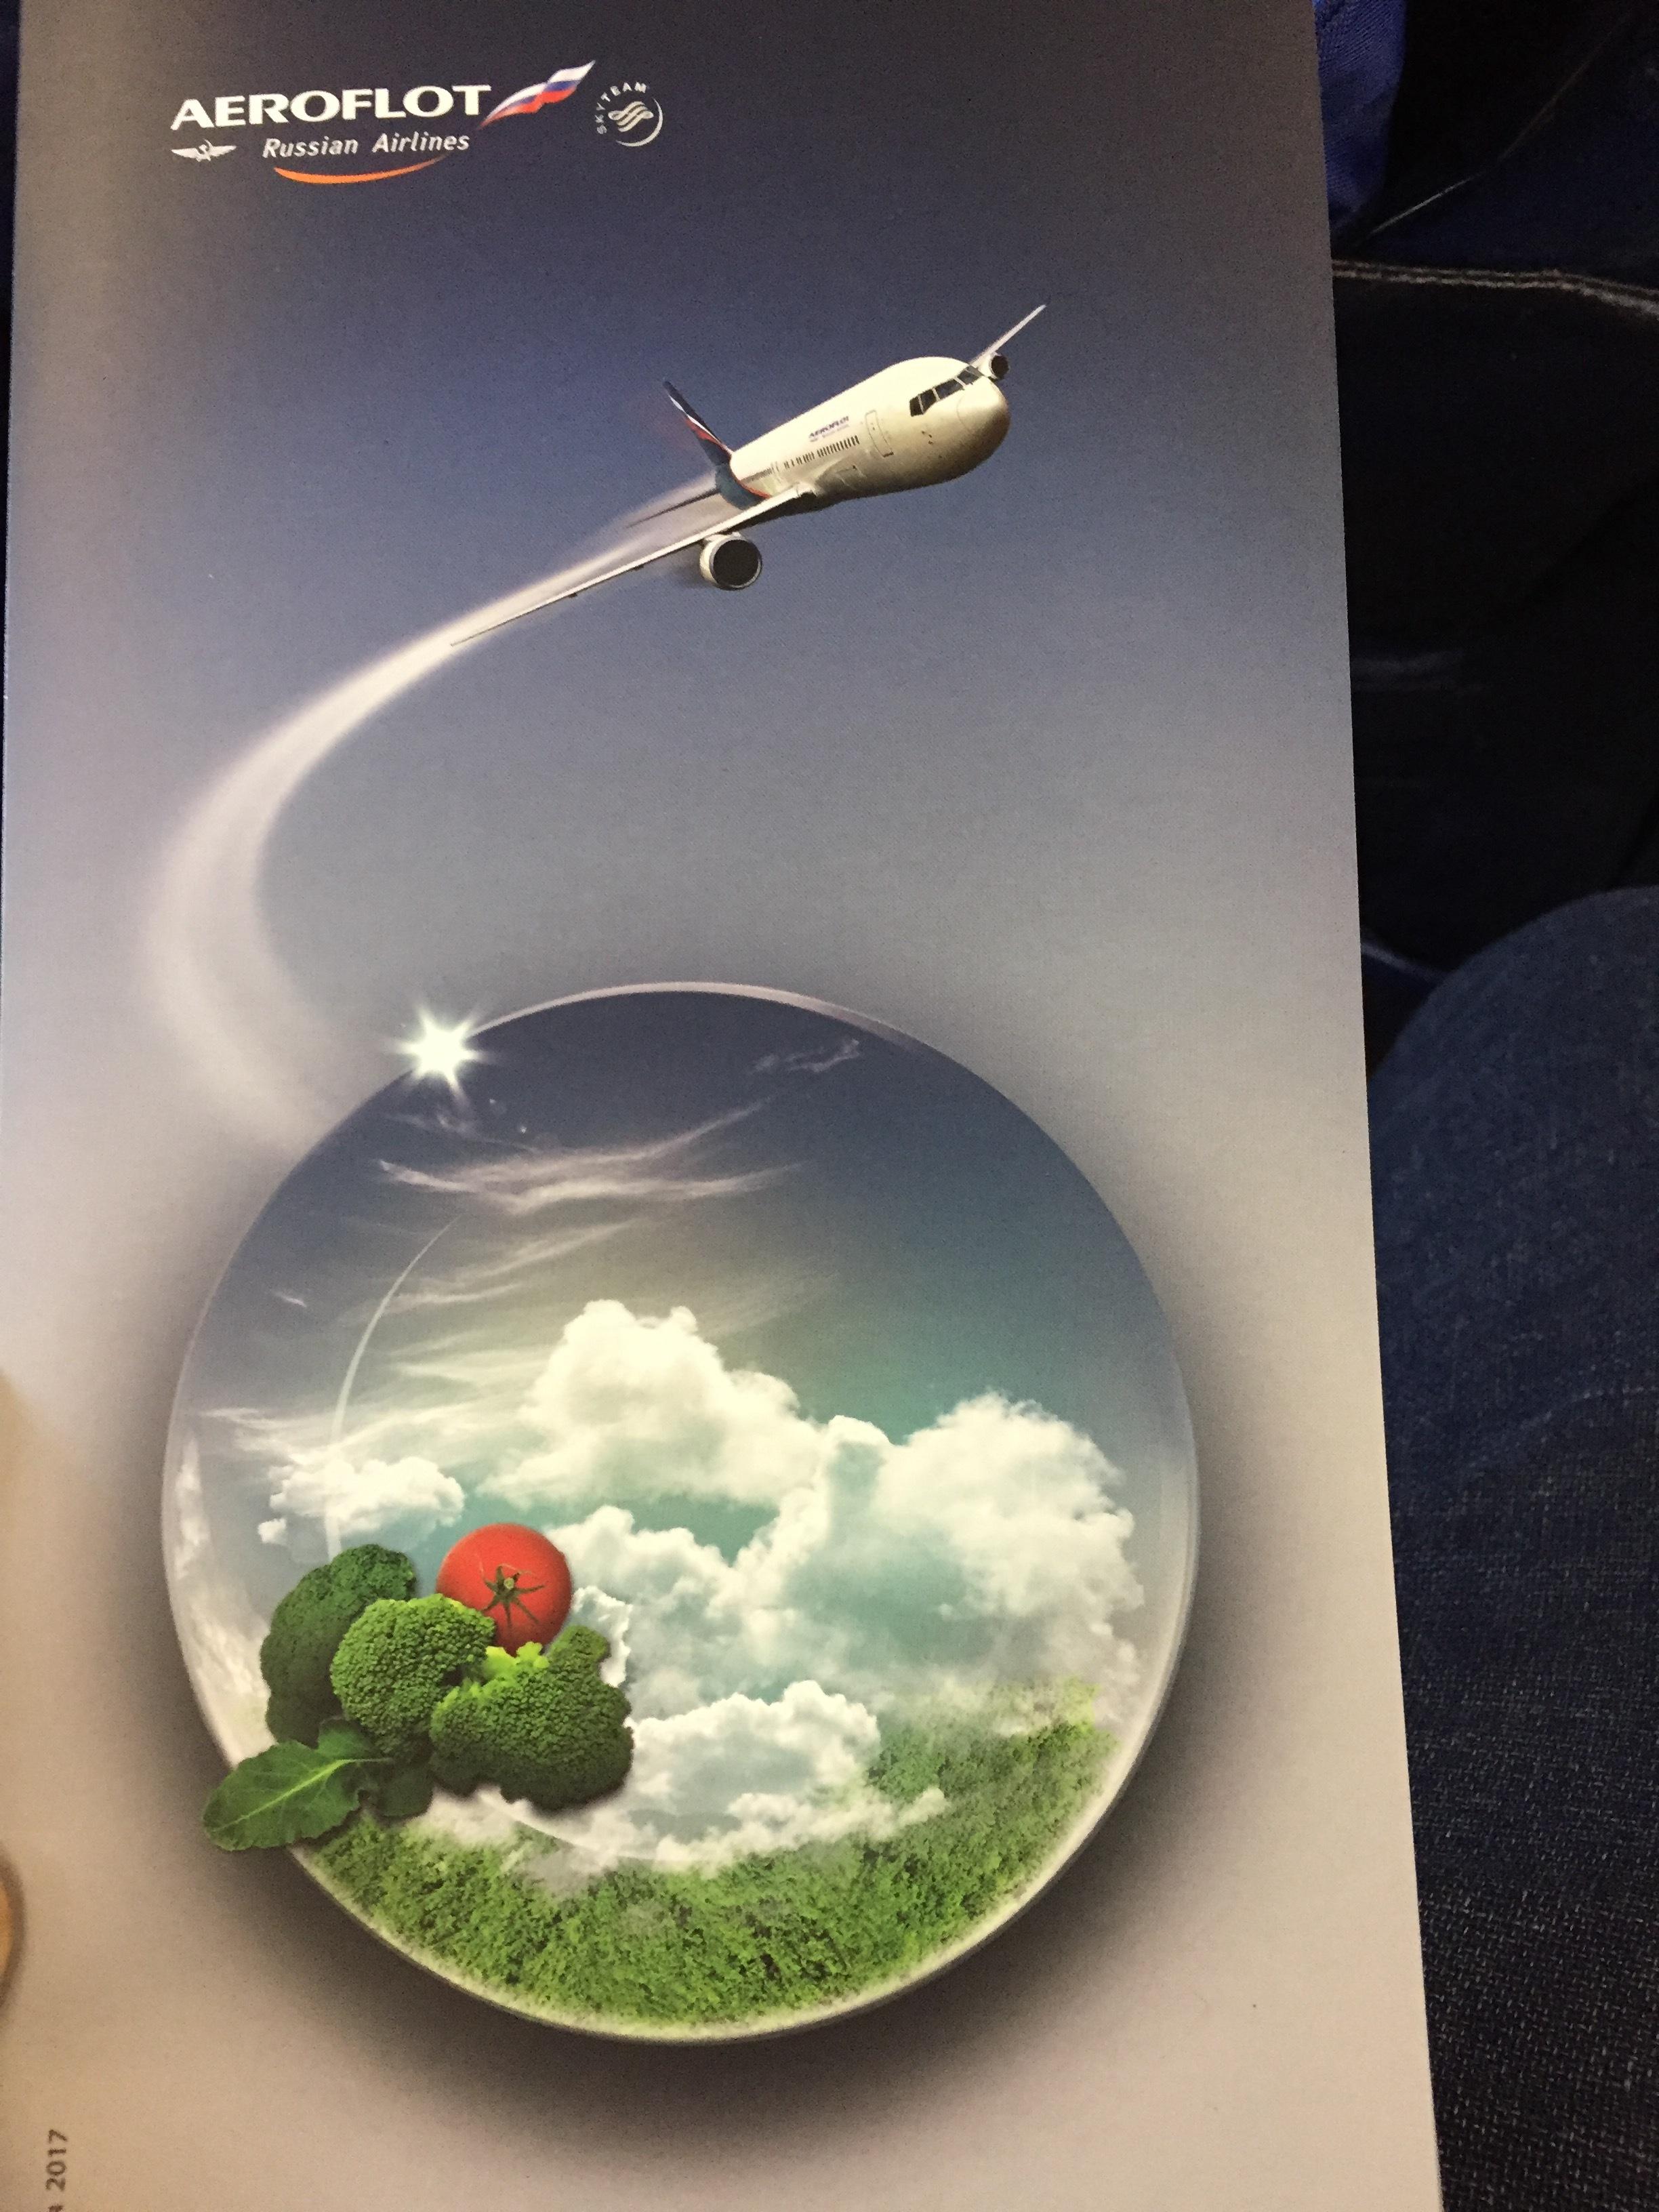 The in-flight menu cover